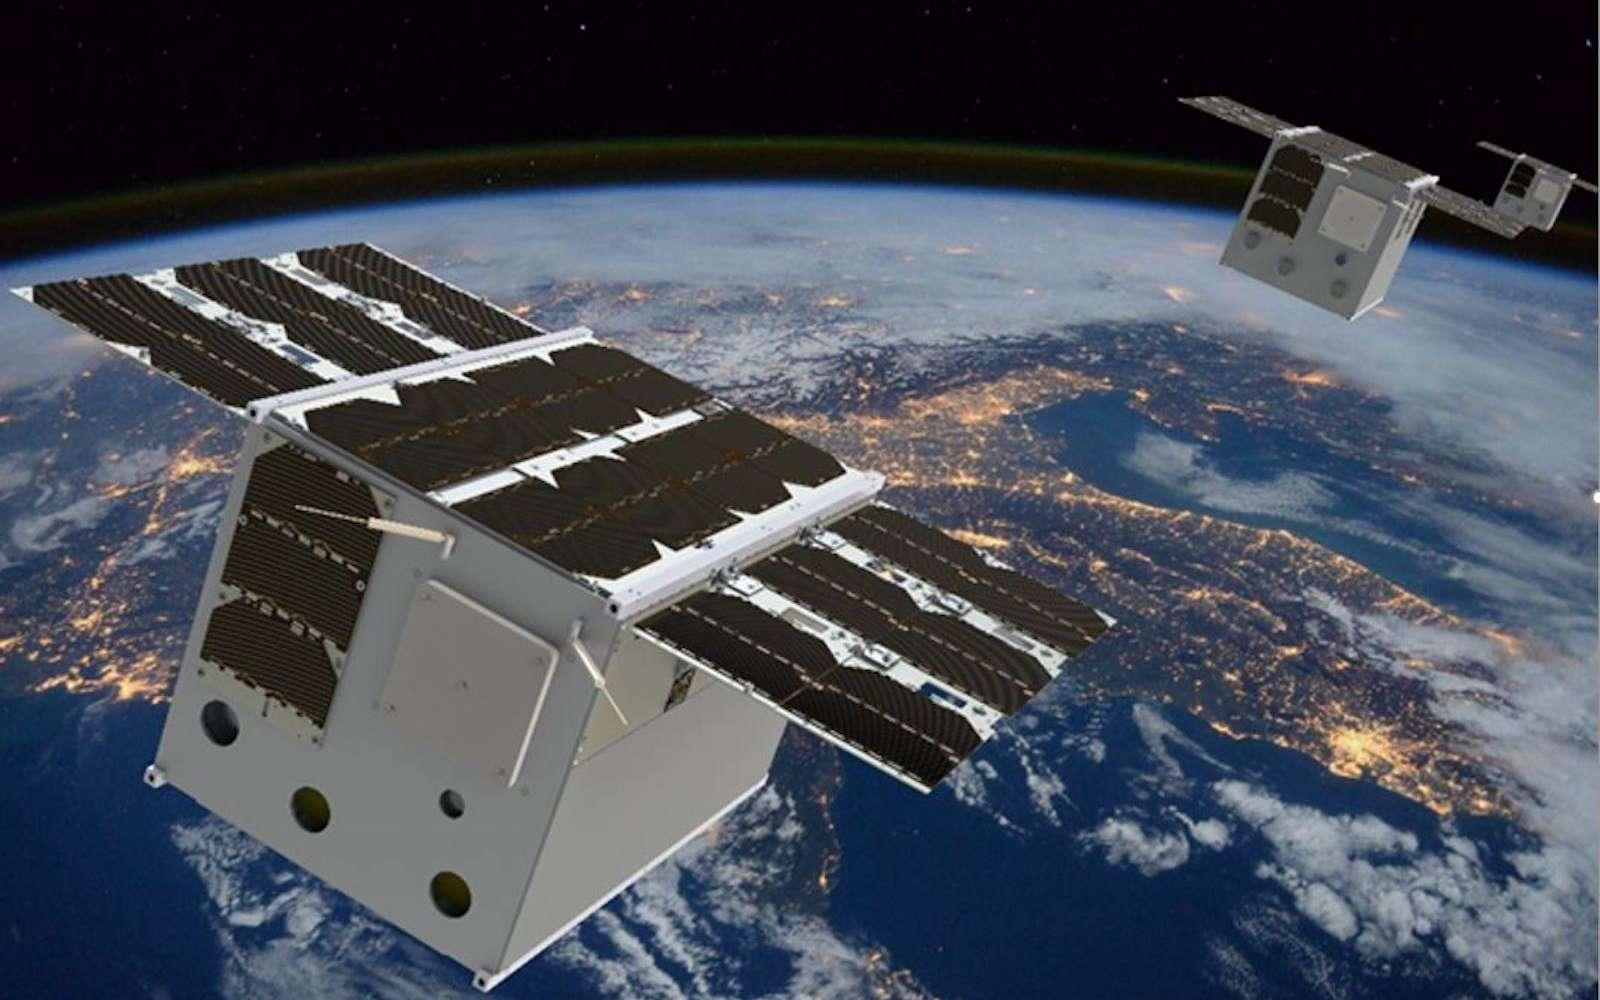 Les mega-constellations de satellites pourraient produire des effets incontrôlés sur le climat. © ESP-MACCS consortium